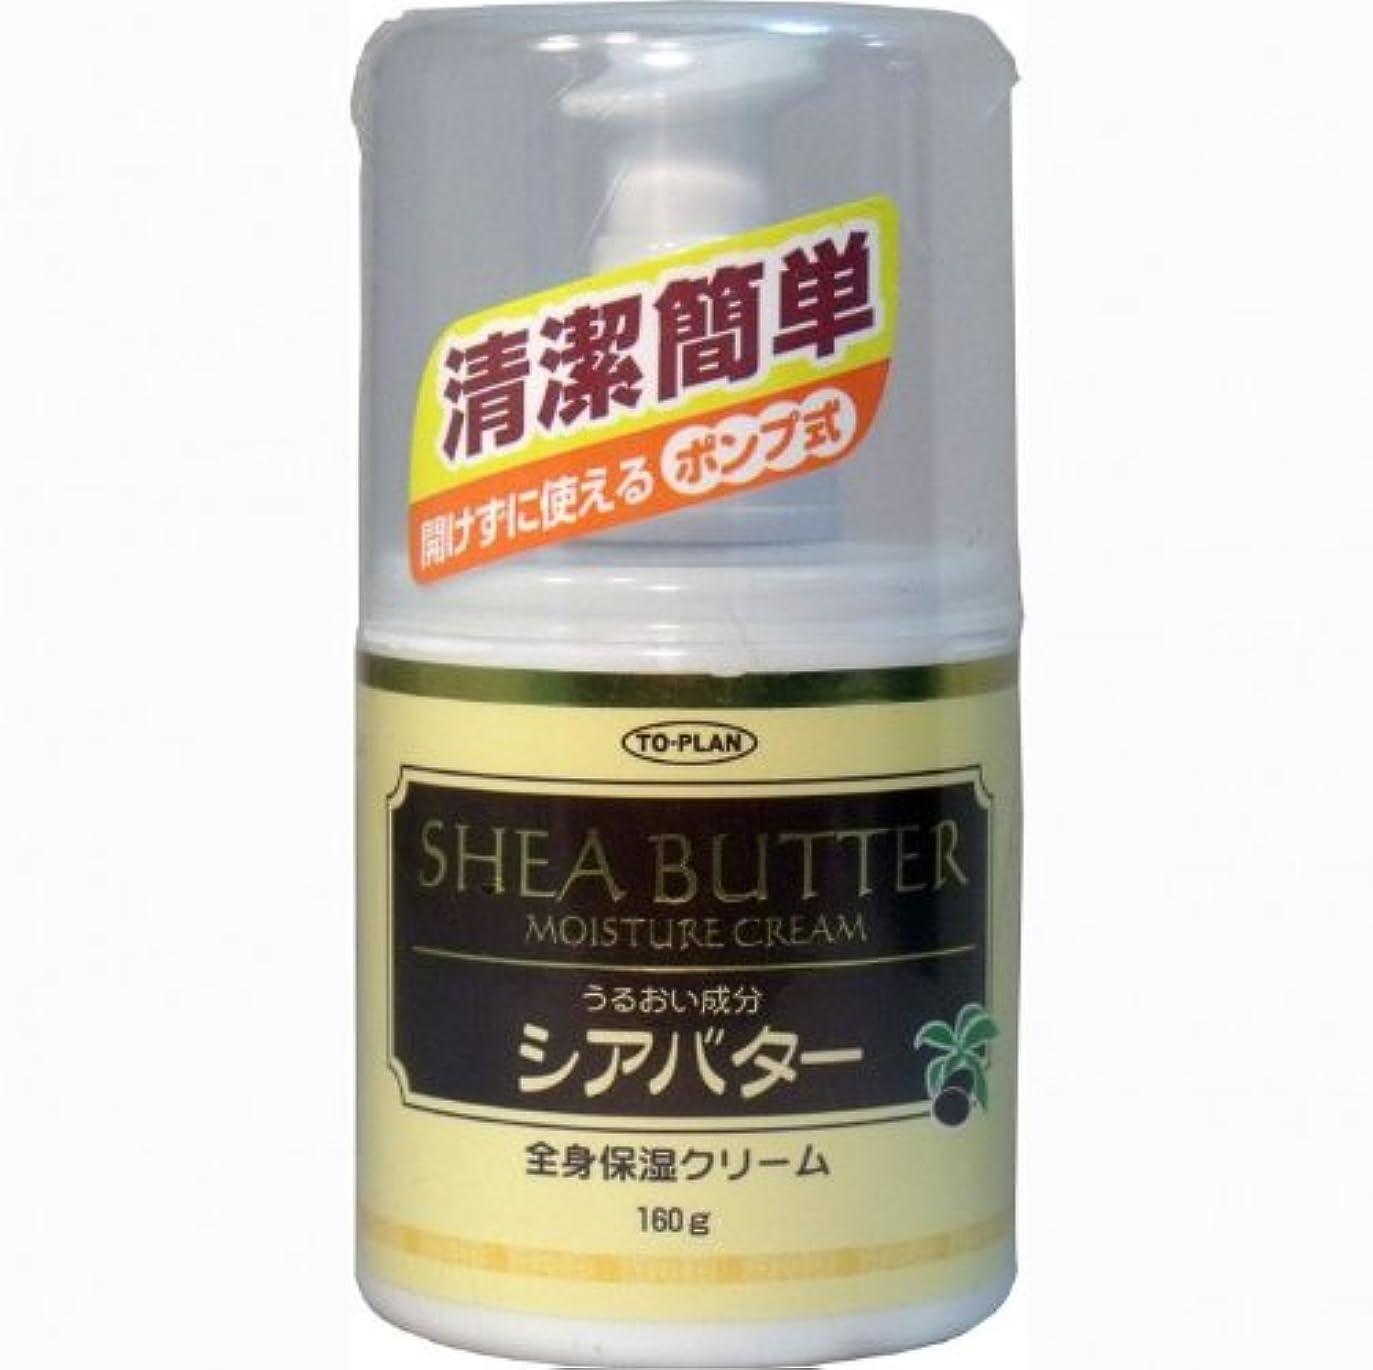 賛美歌勇気スマッシュトプラン 全身保湿クリーム シアバター ポンプ式 160g【3個セット】